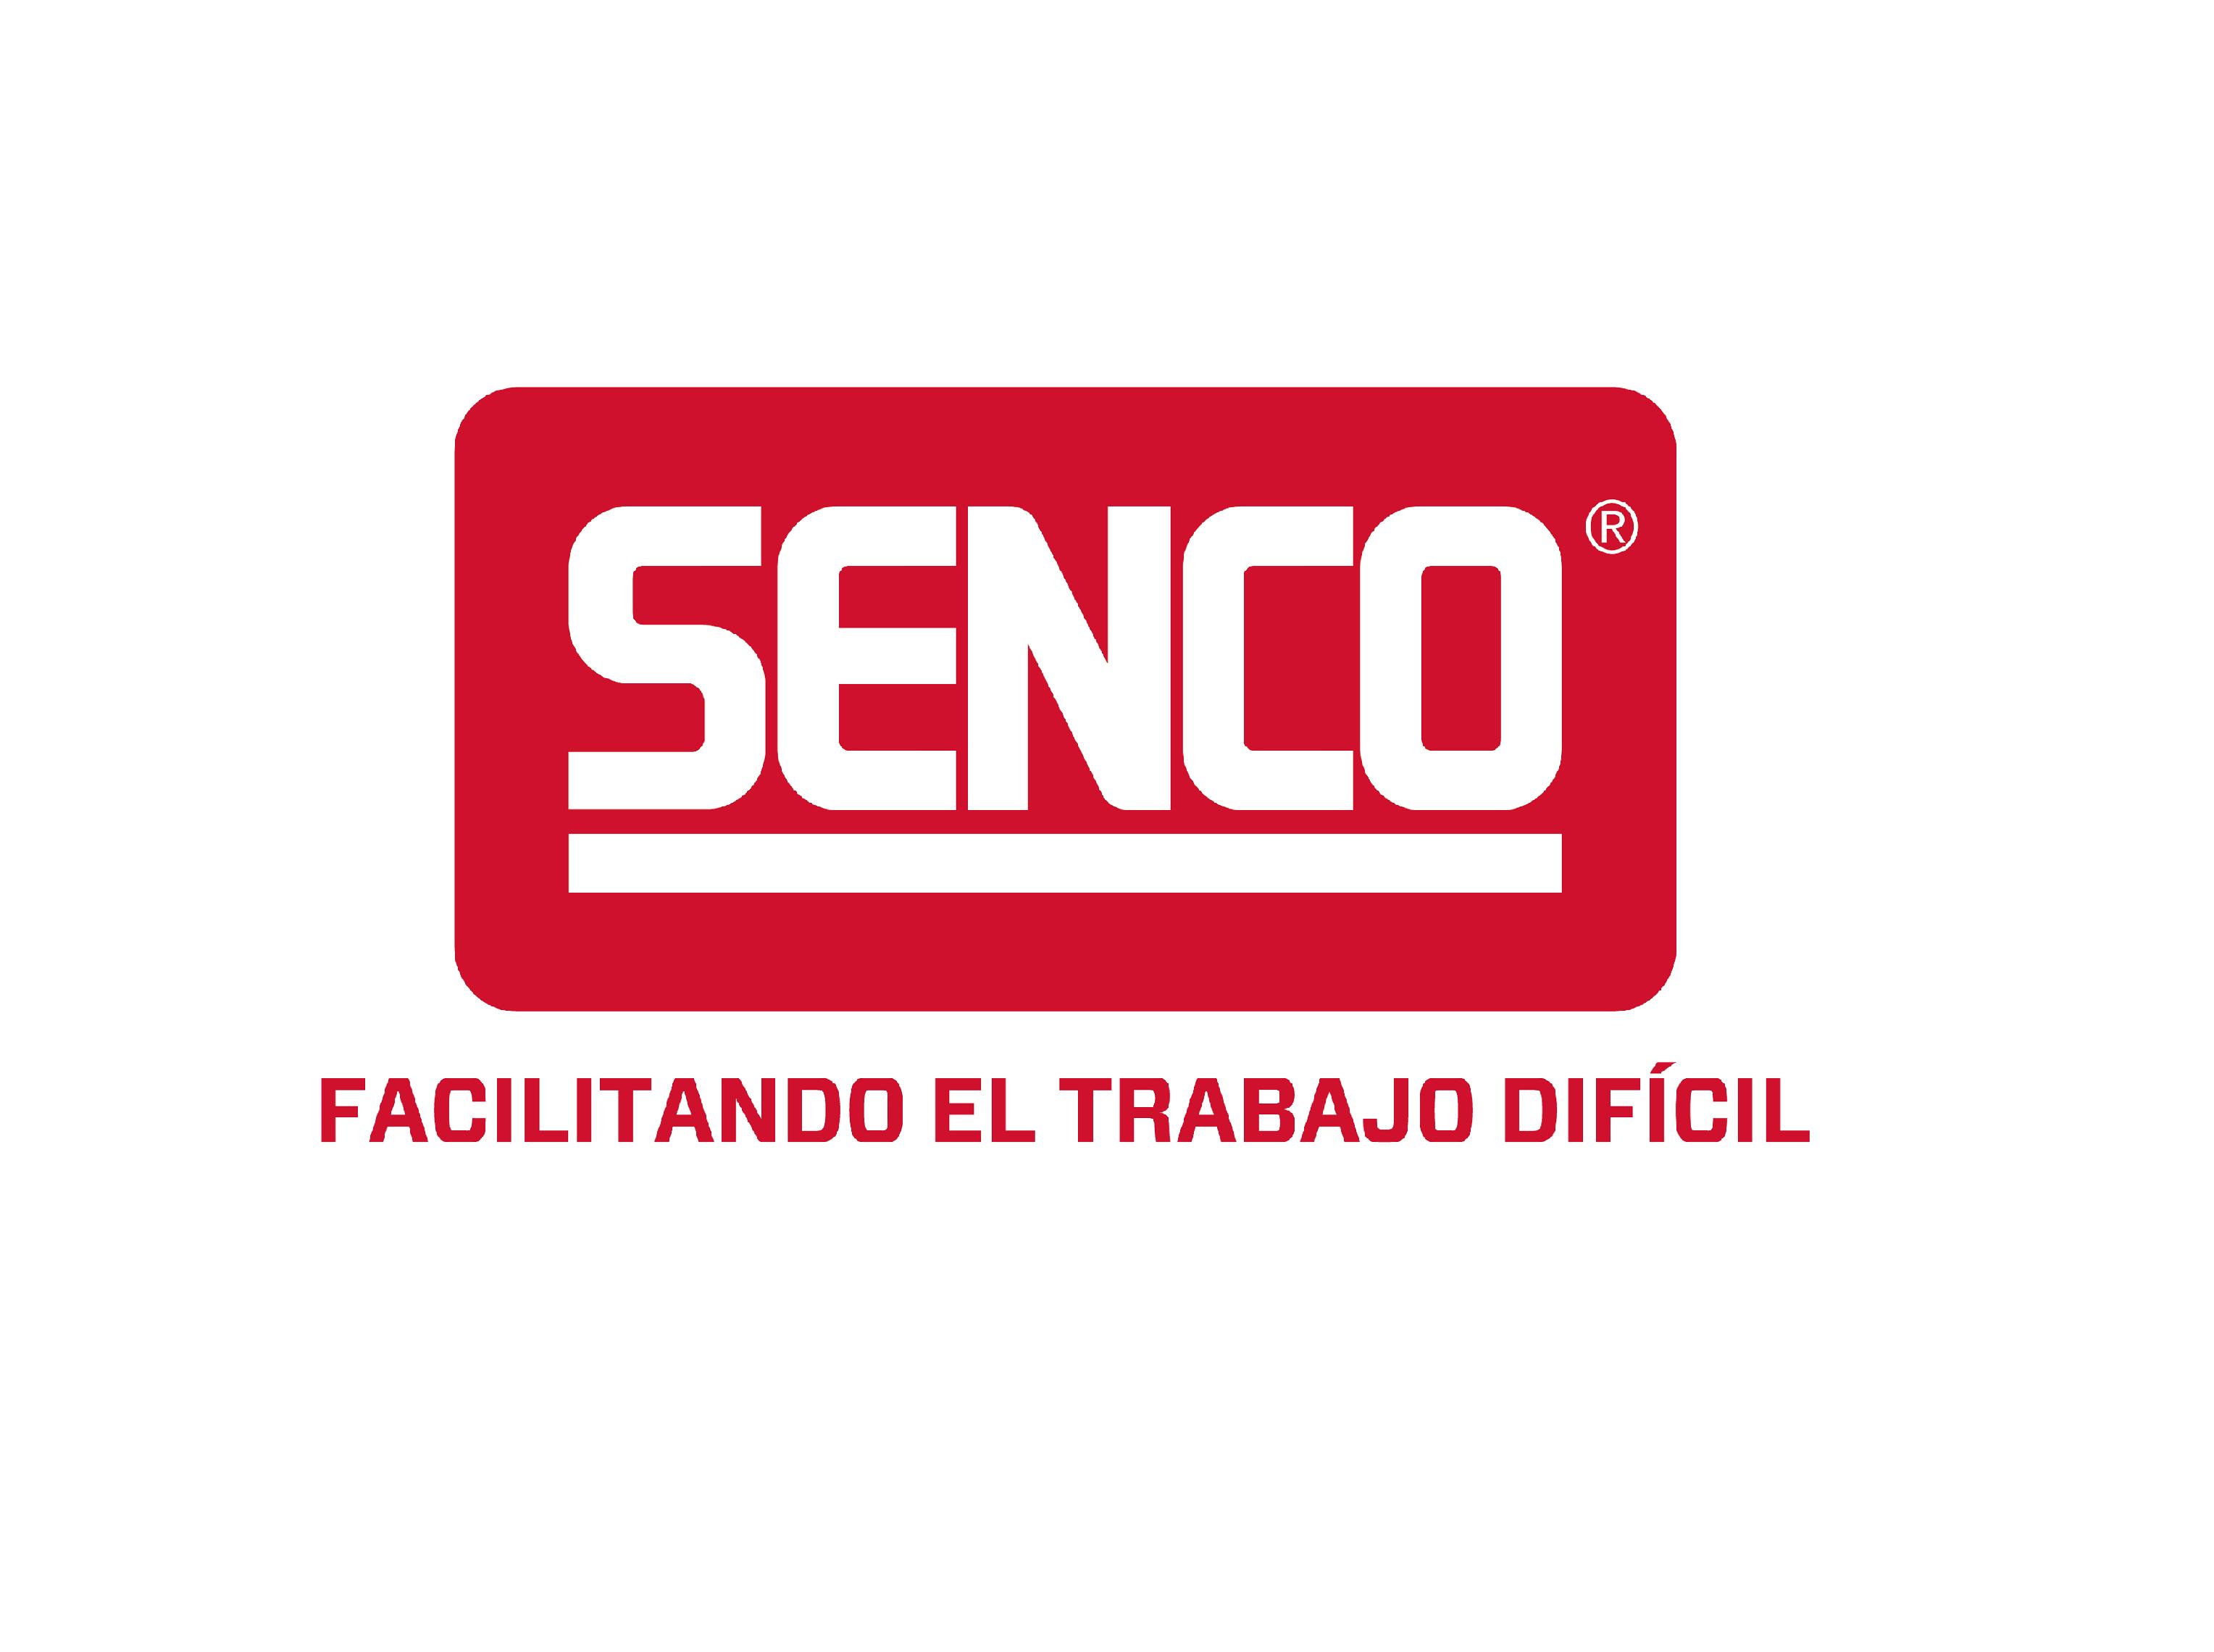 SENCO LATINAMERICA S.A.S